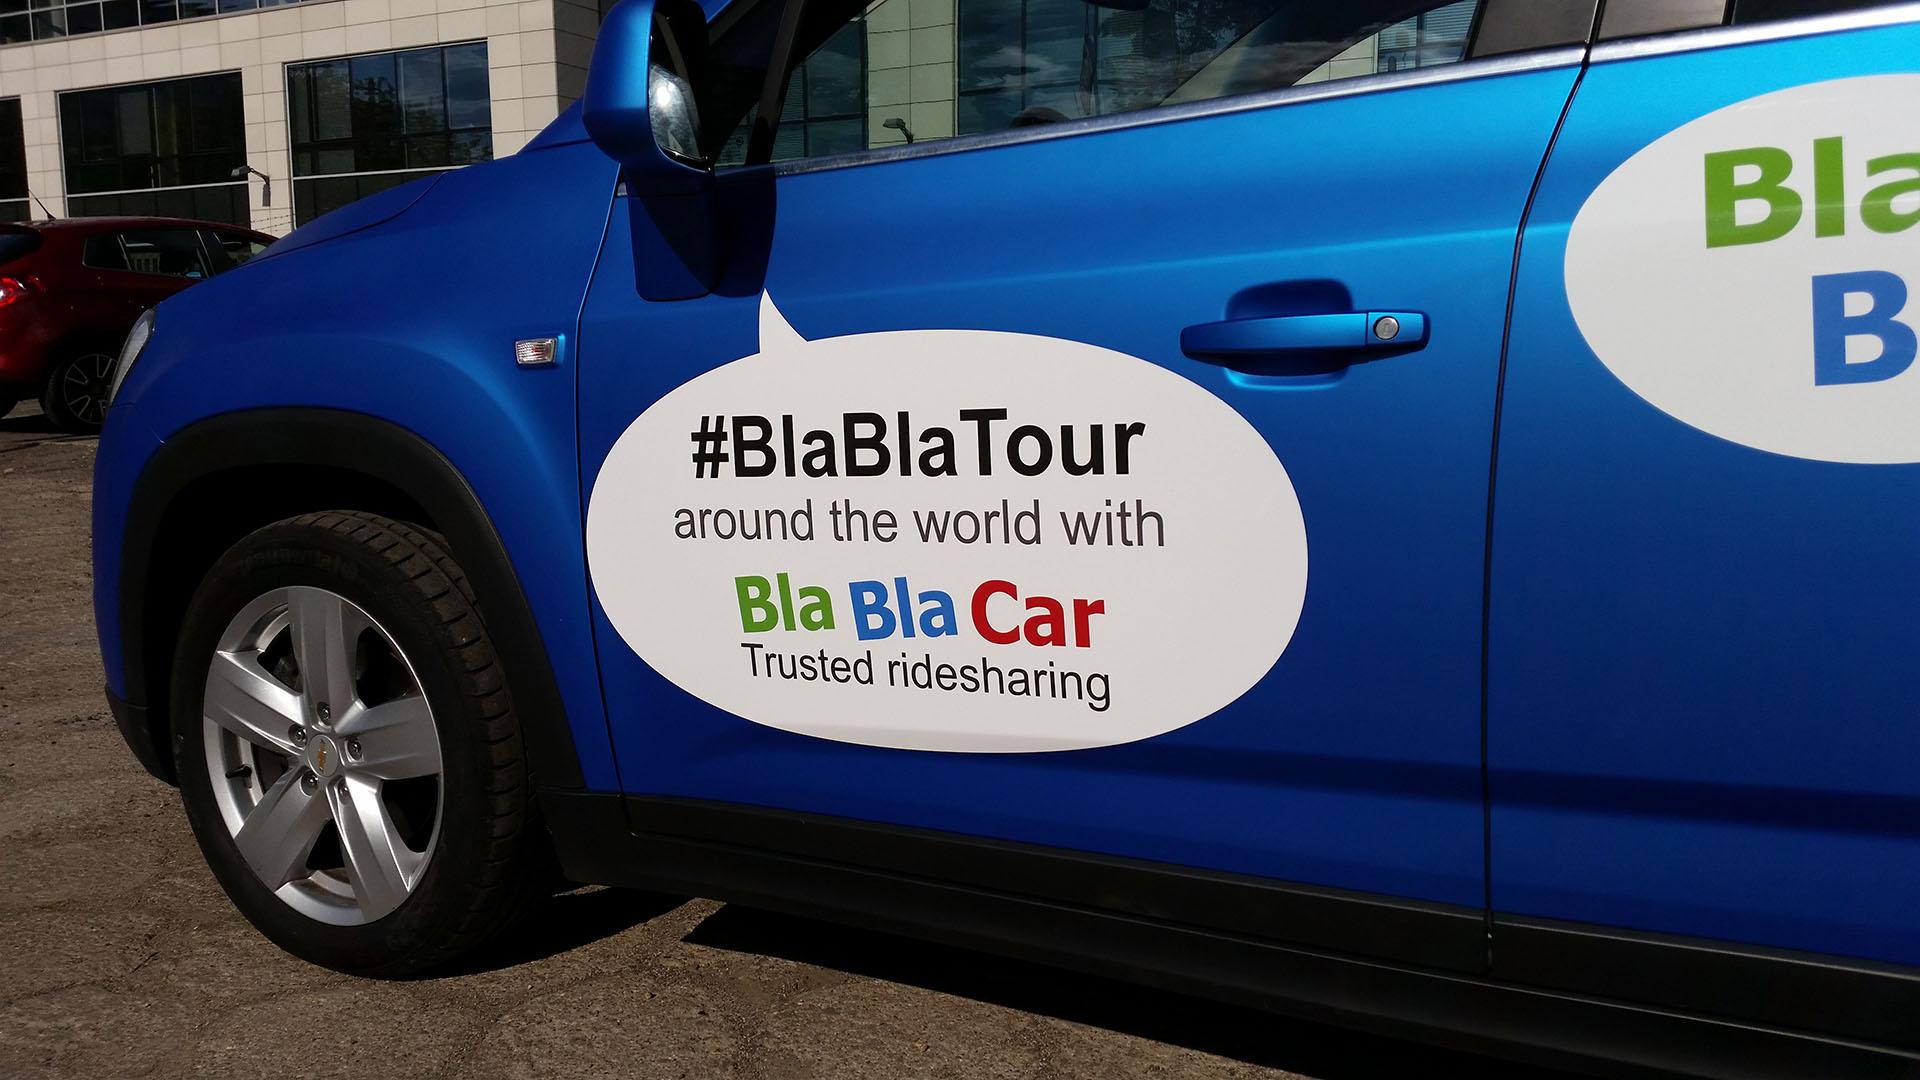 #BlaBlaTour